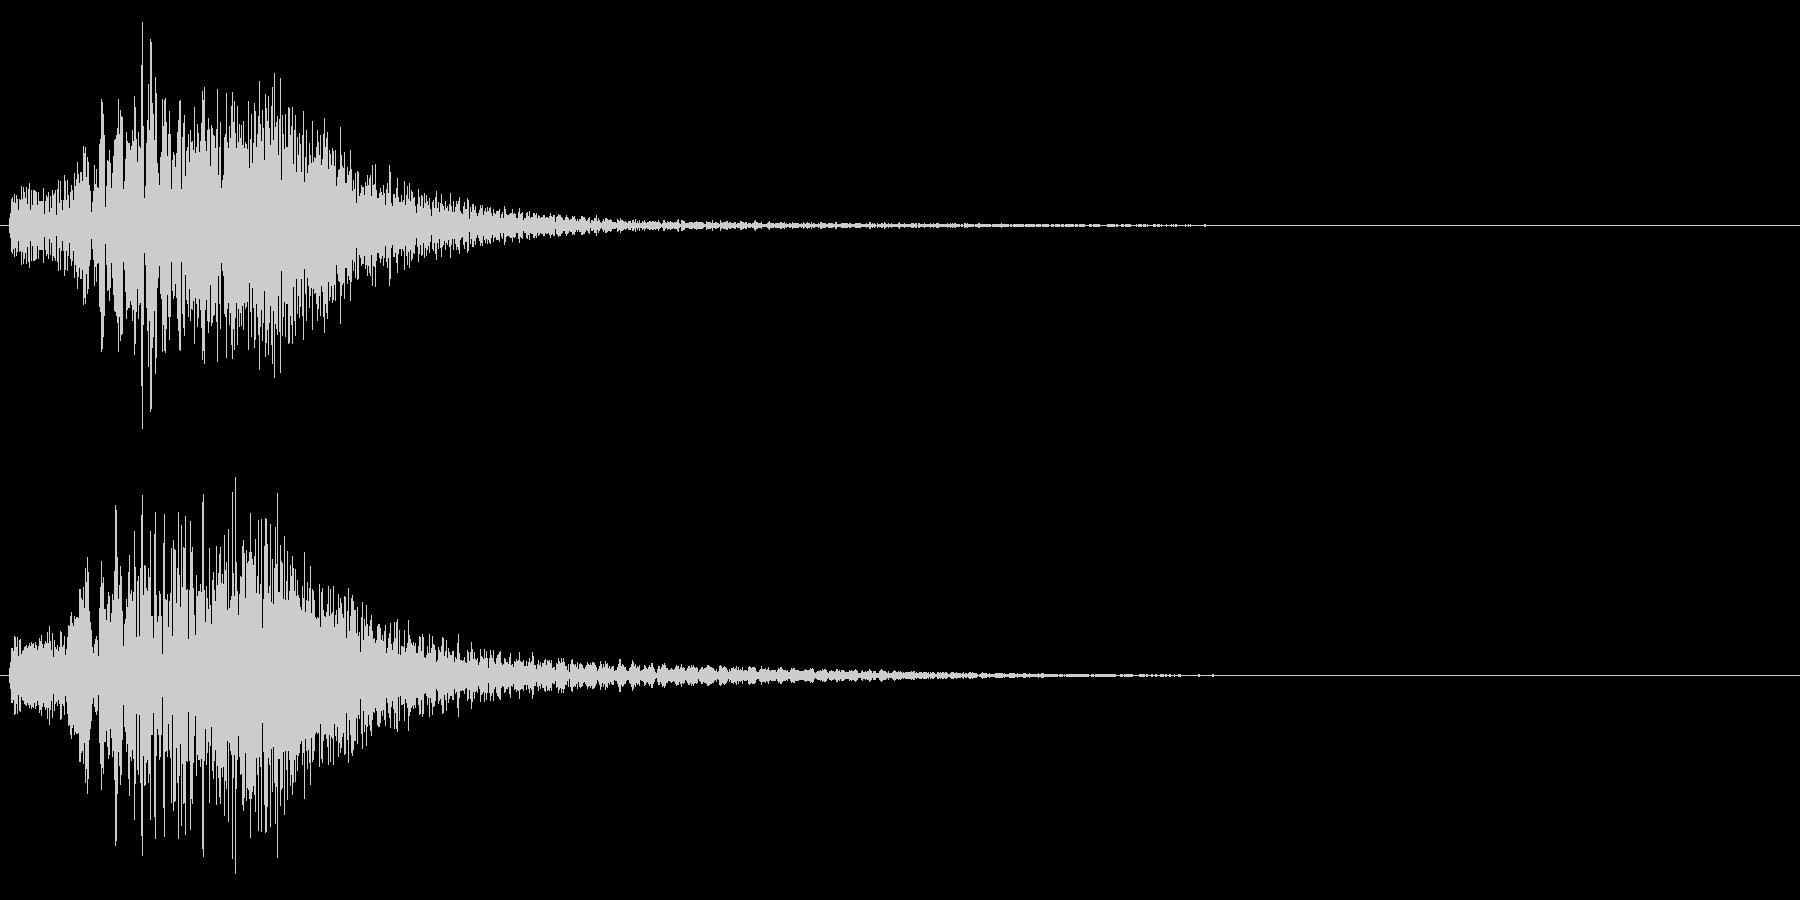 ハープ使用華麗なキラキラ上昇音 変身転換の未再生の波形